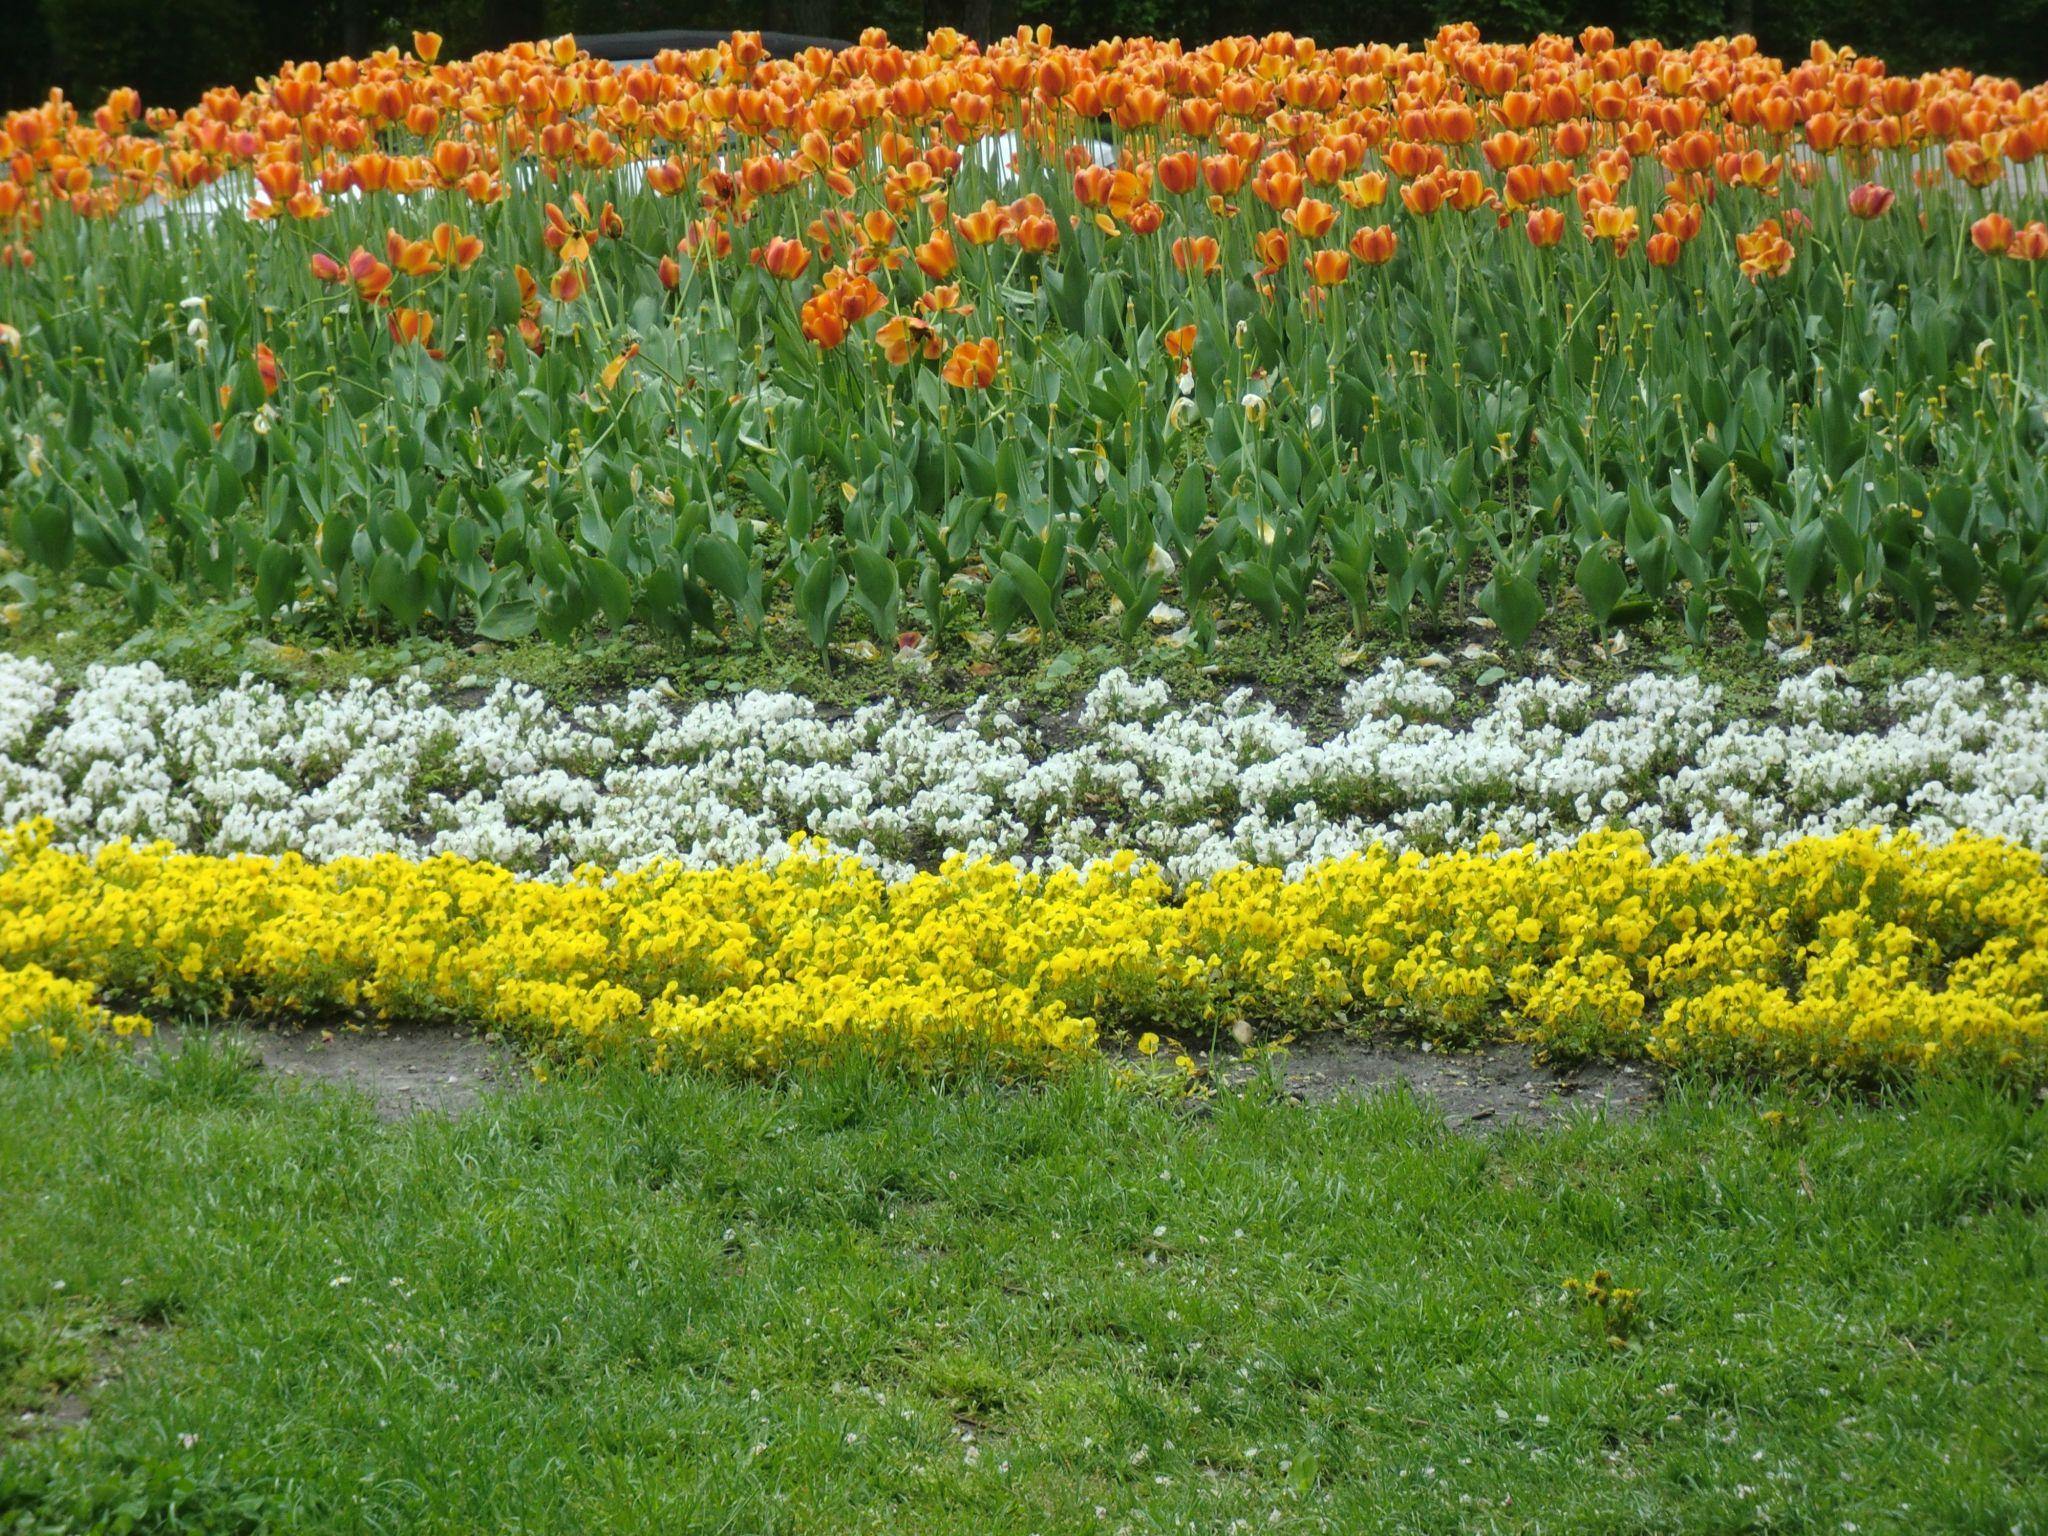 Vienna park 40 1440x1080 - Vienna: elegant beauty